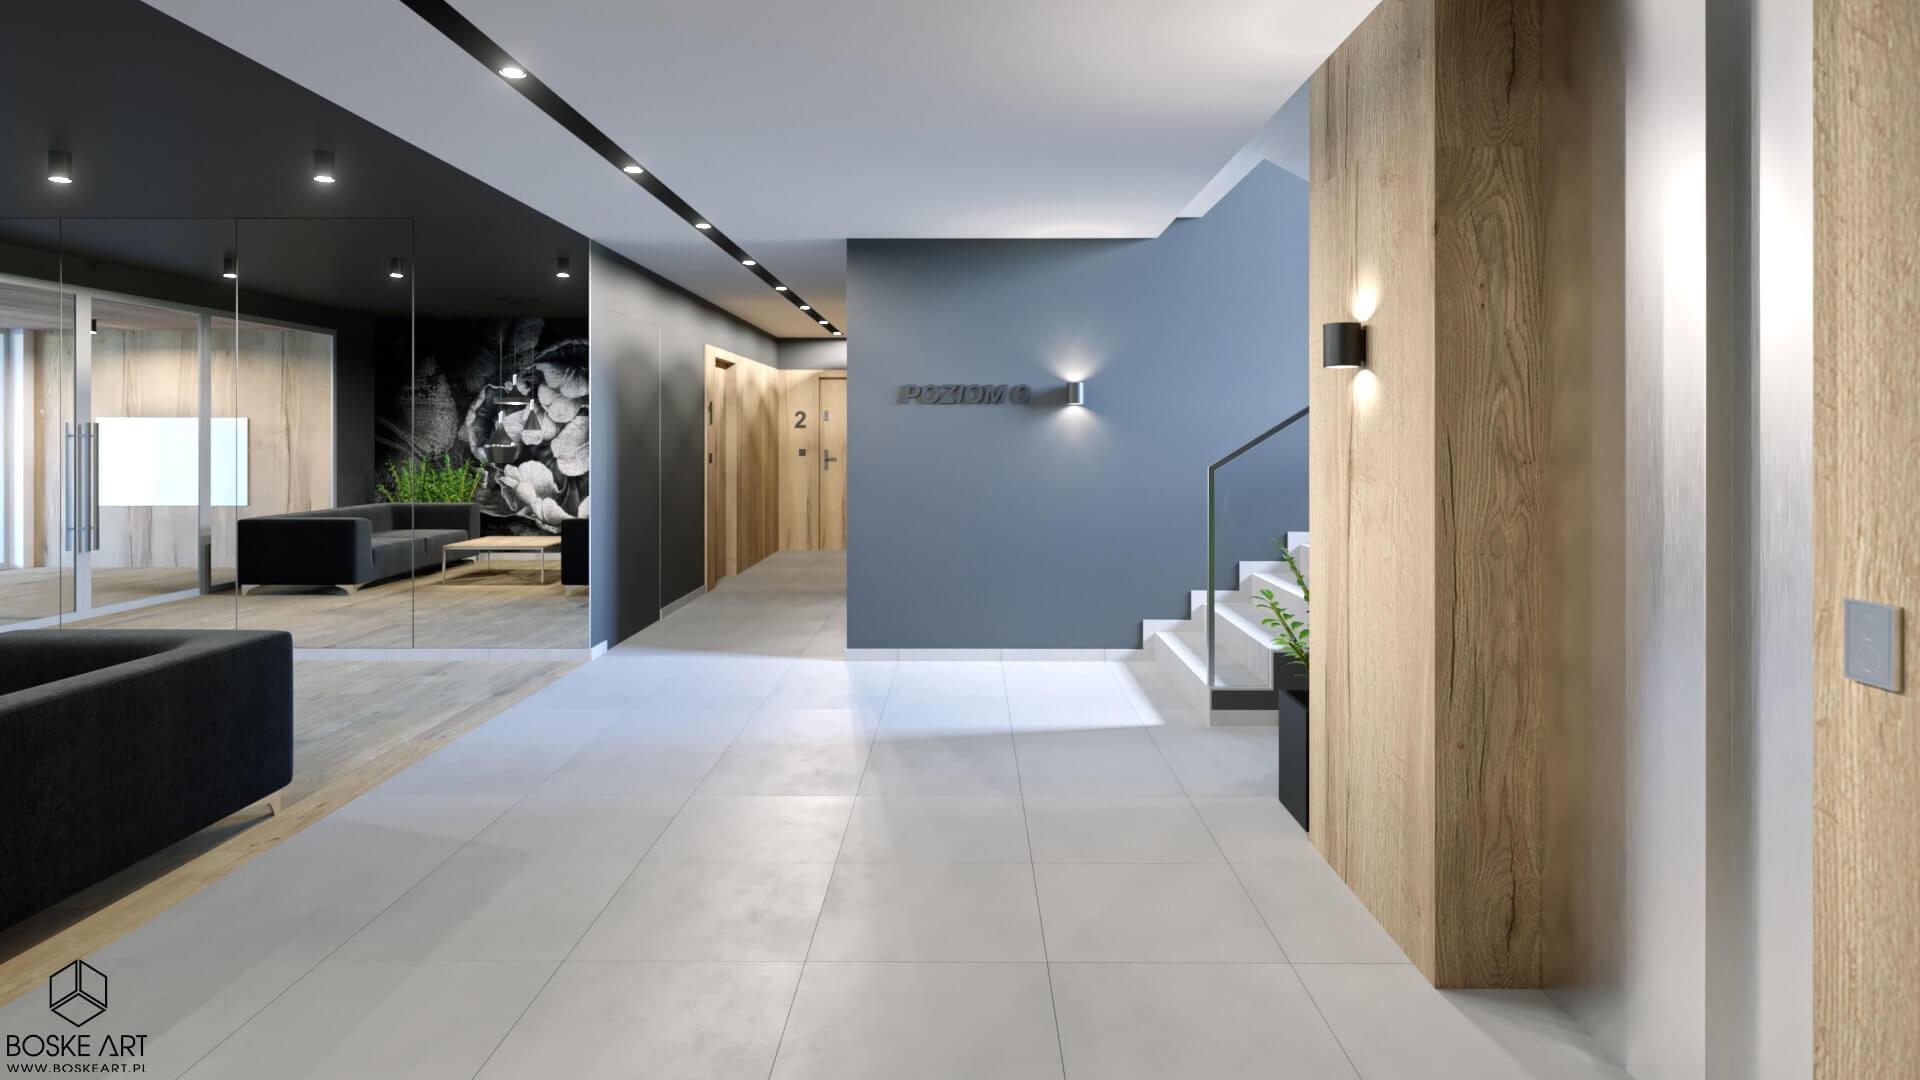 1_apartamenty_poznan_boske_art_strefa_wejsciowa_projektowanie_wnetrz_architektura_natalia_robaszkiewicz-min